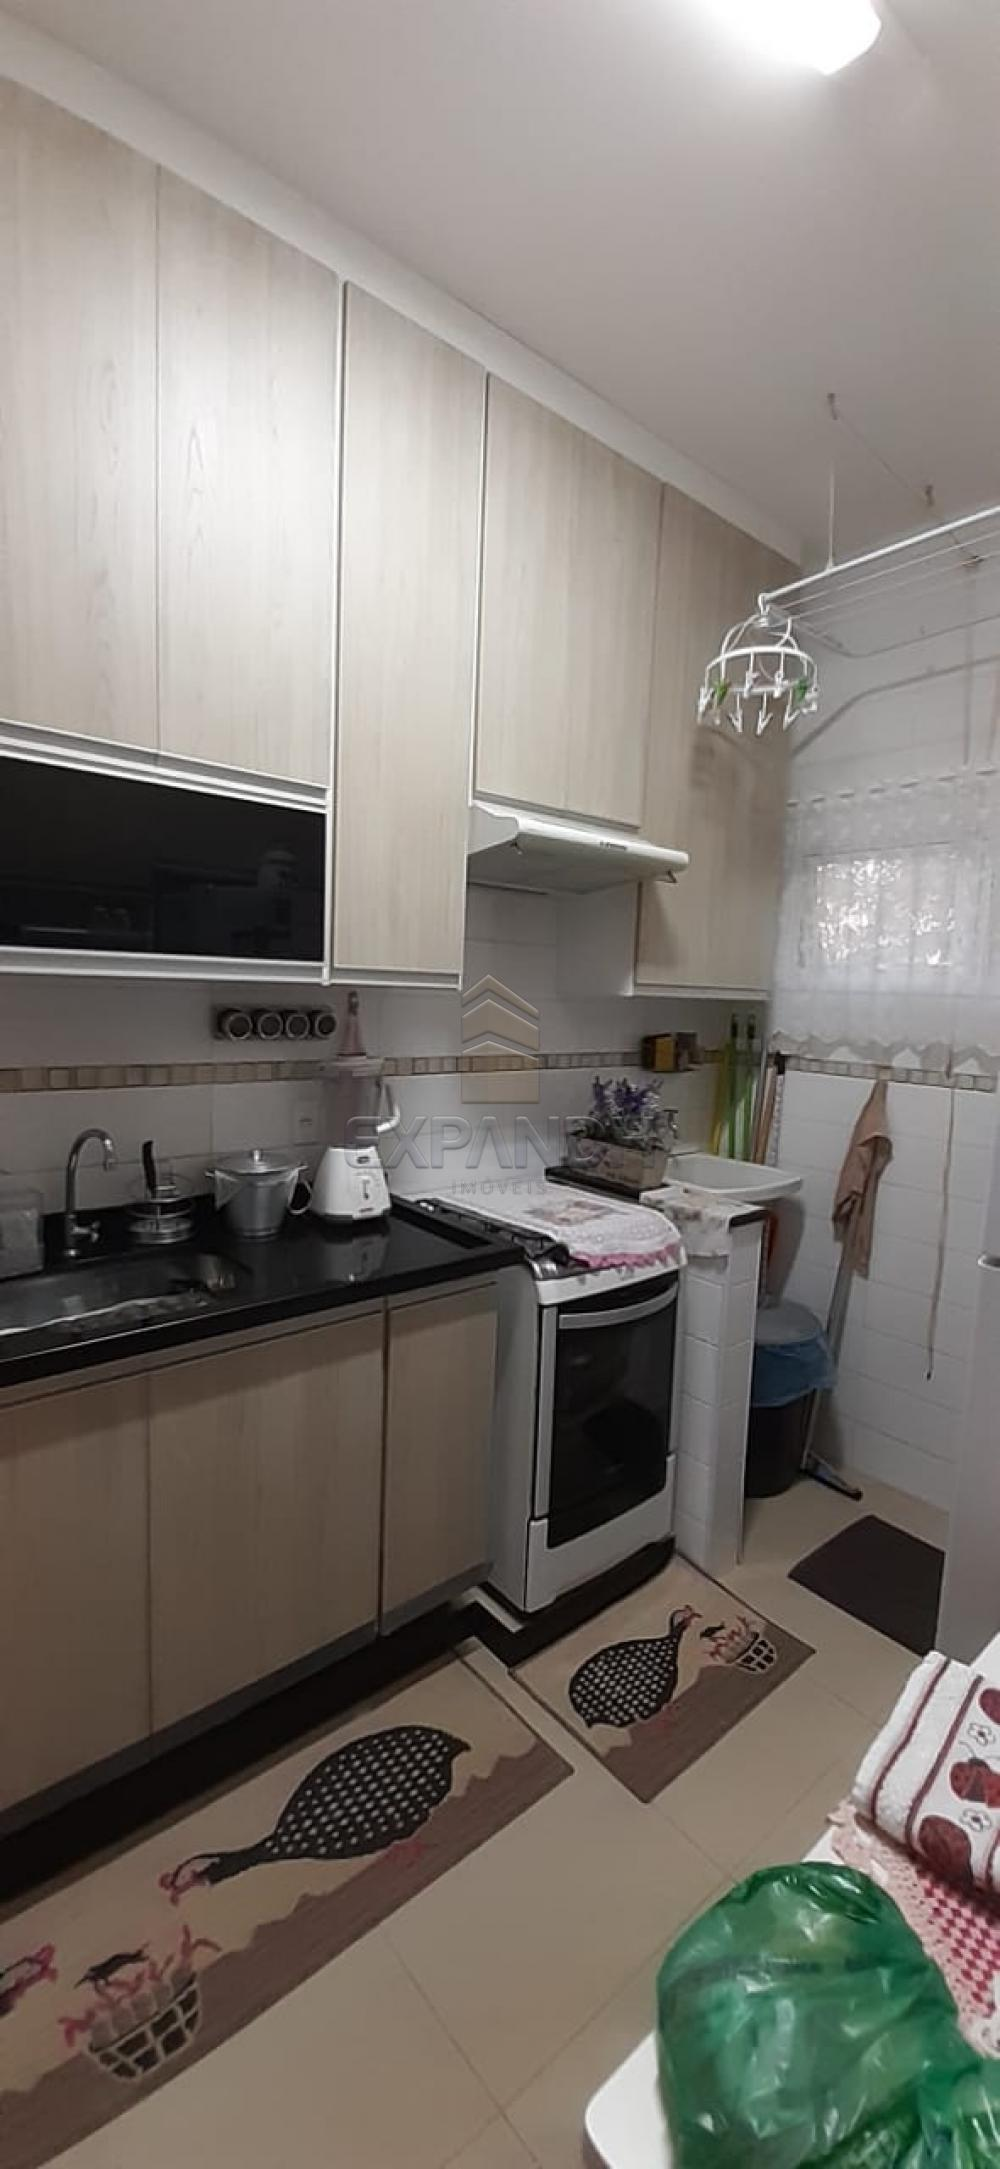 Alugar Apartamentos / Padrão em Sertãozinho apenas R$ 990,00 - Foto 4